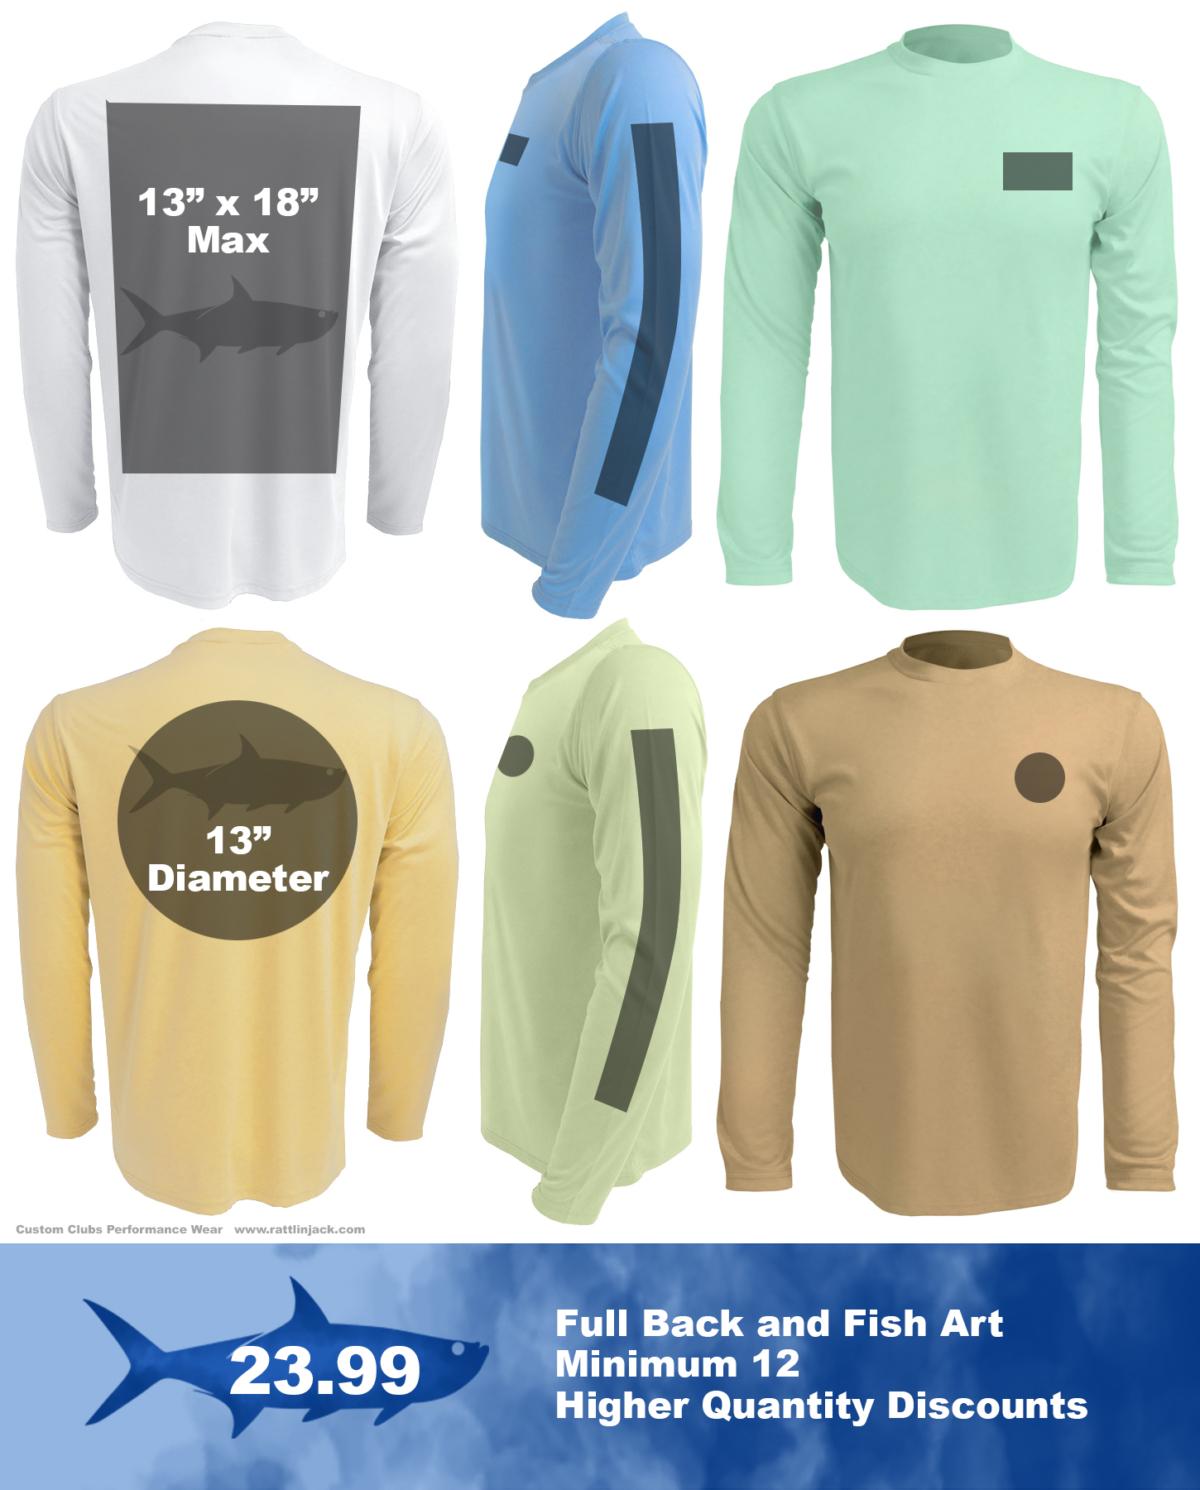 Half-back-custom-upf-fishing-shirts from Rattlin Jack